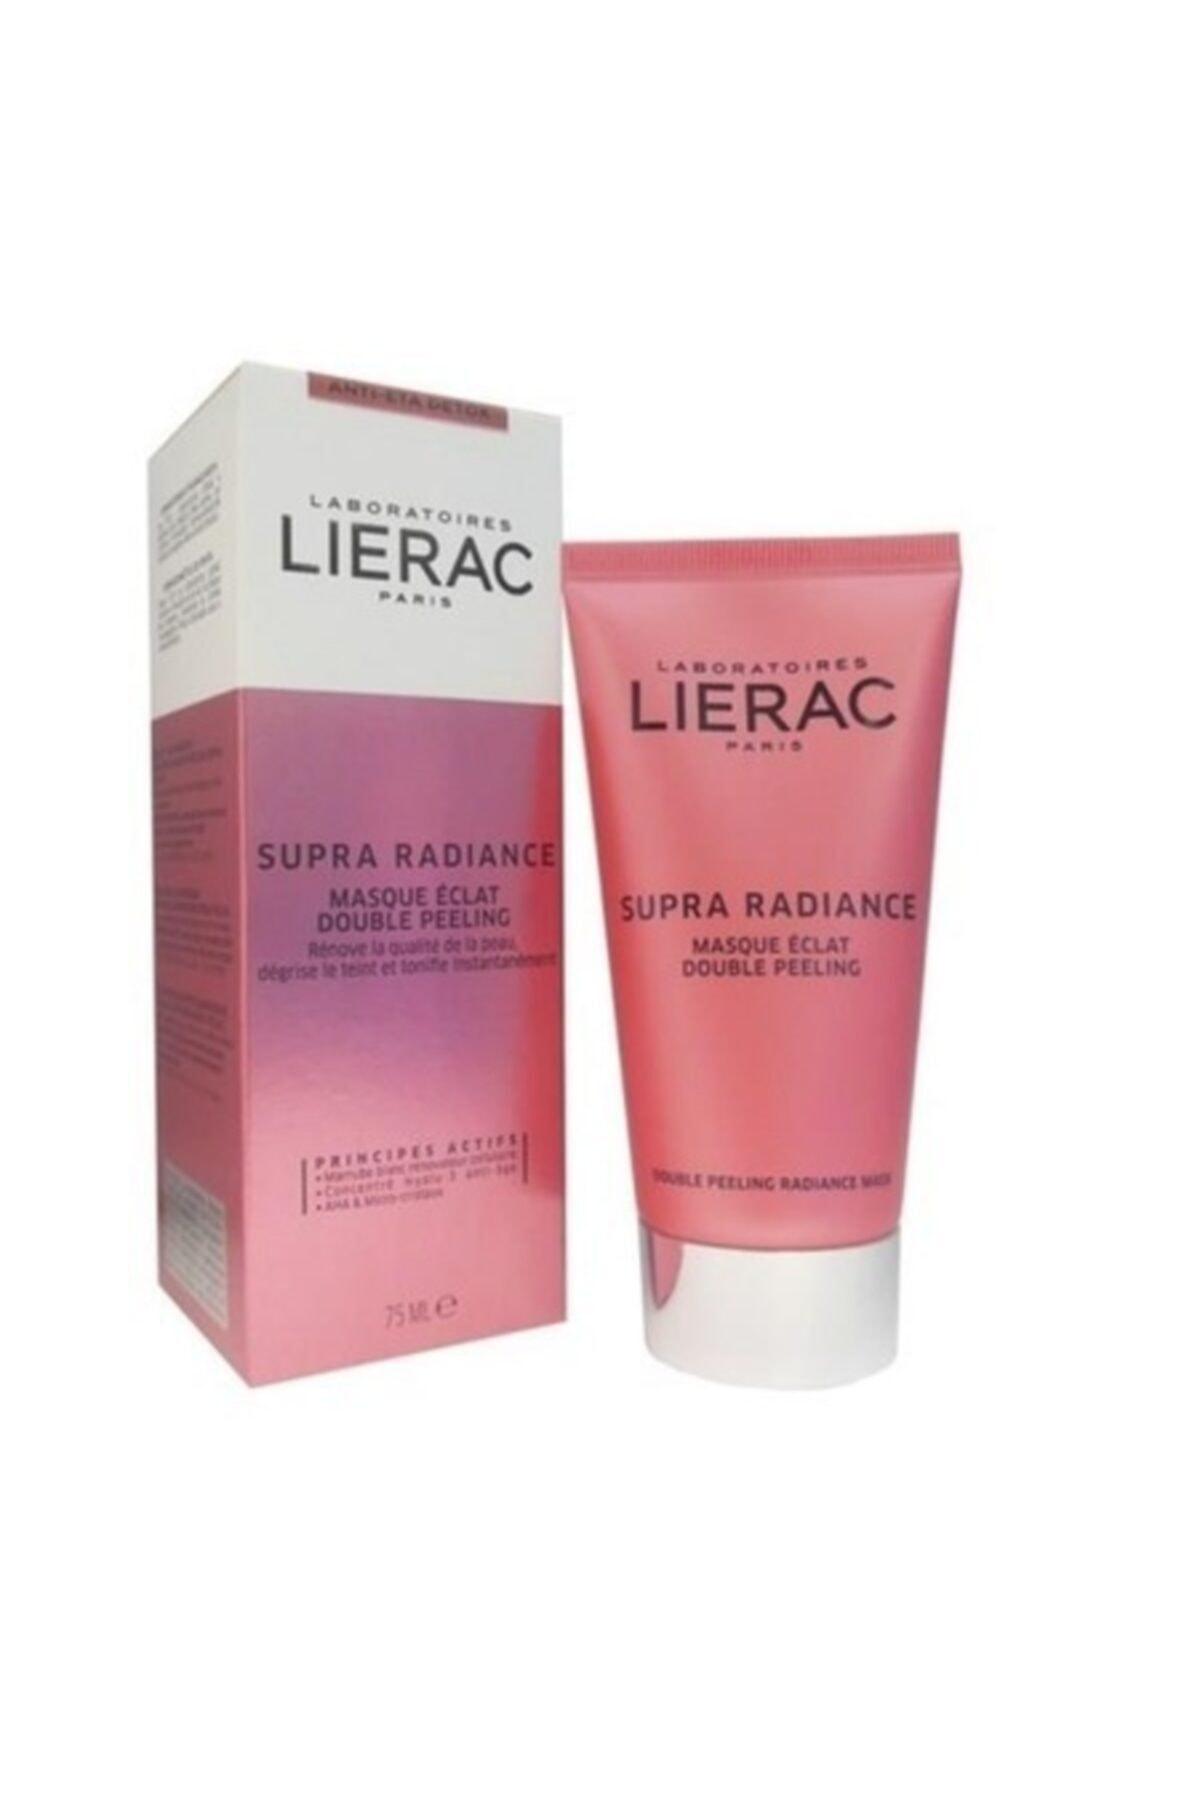 Lierac Supra Radiance Masque Eclat 75ml 1